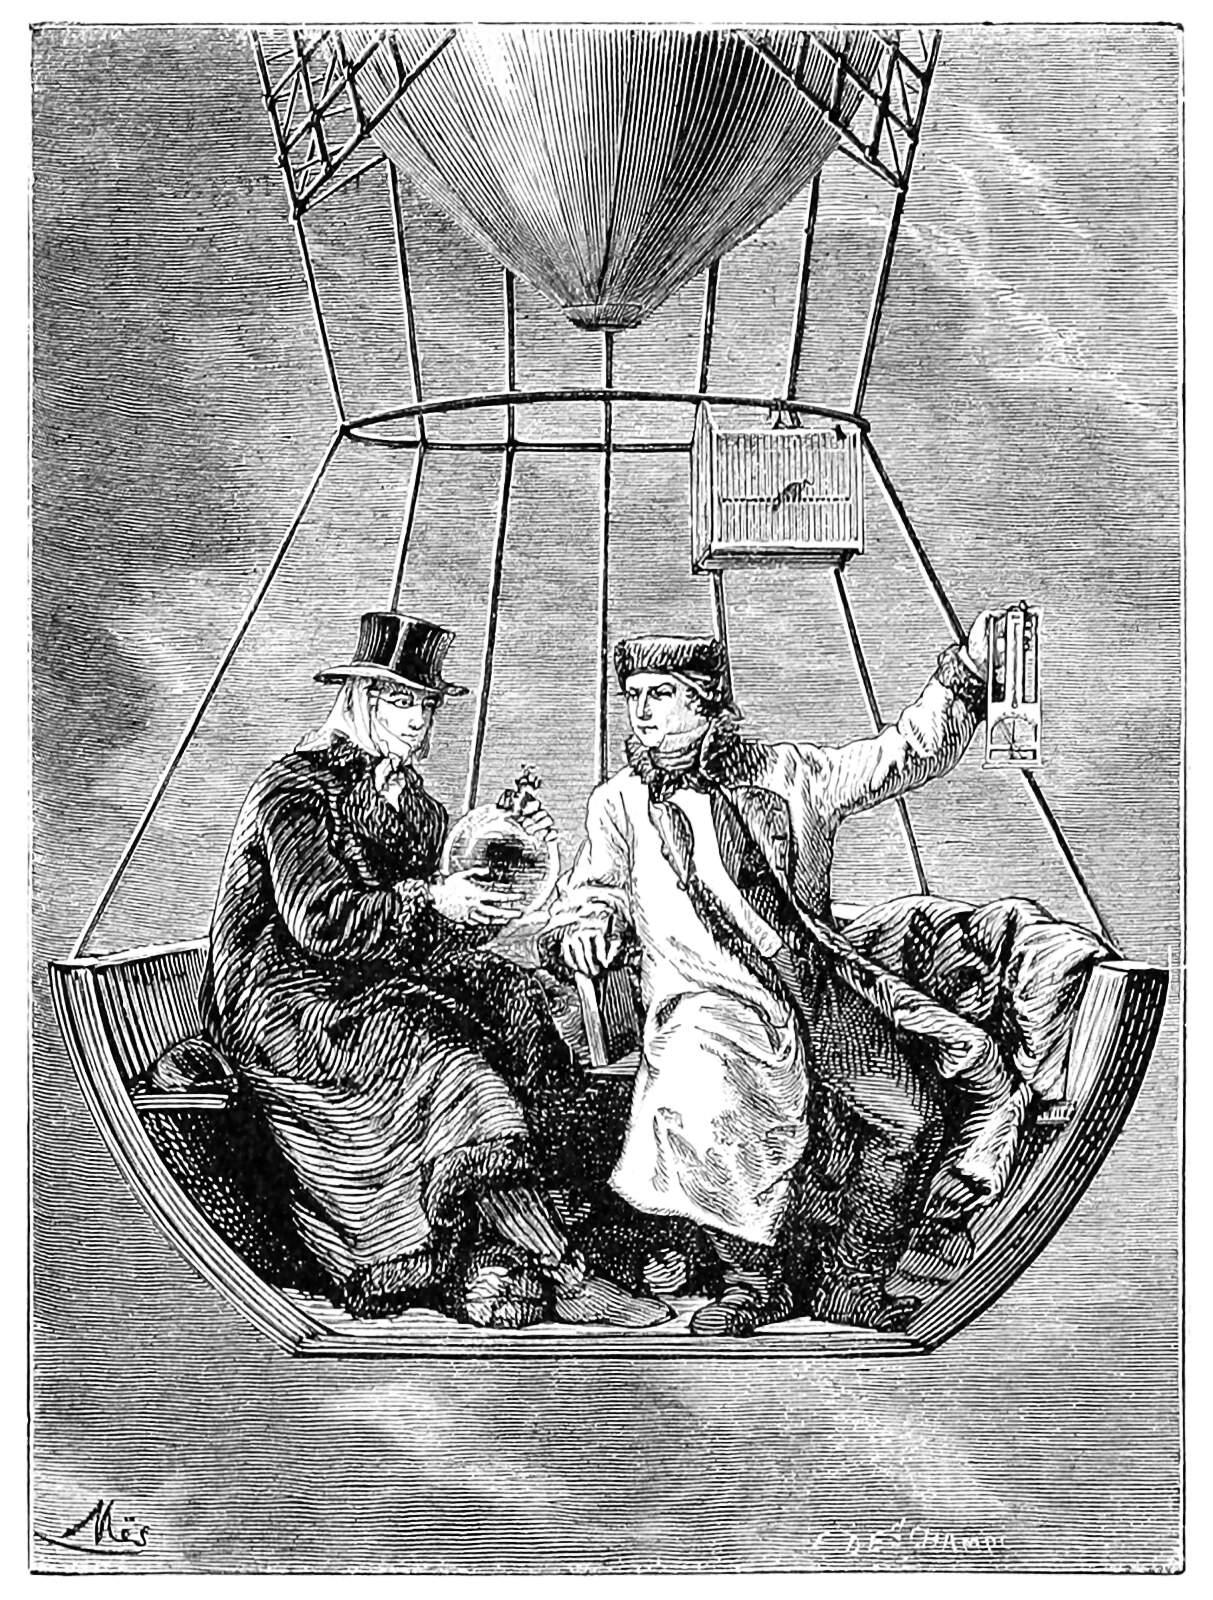 Two men float in a balloon